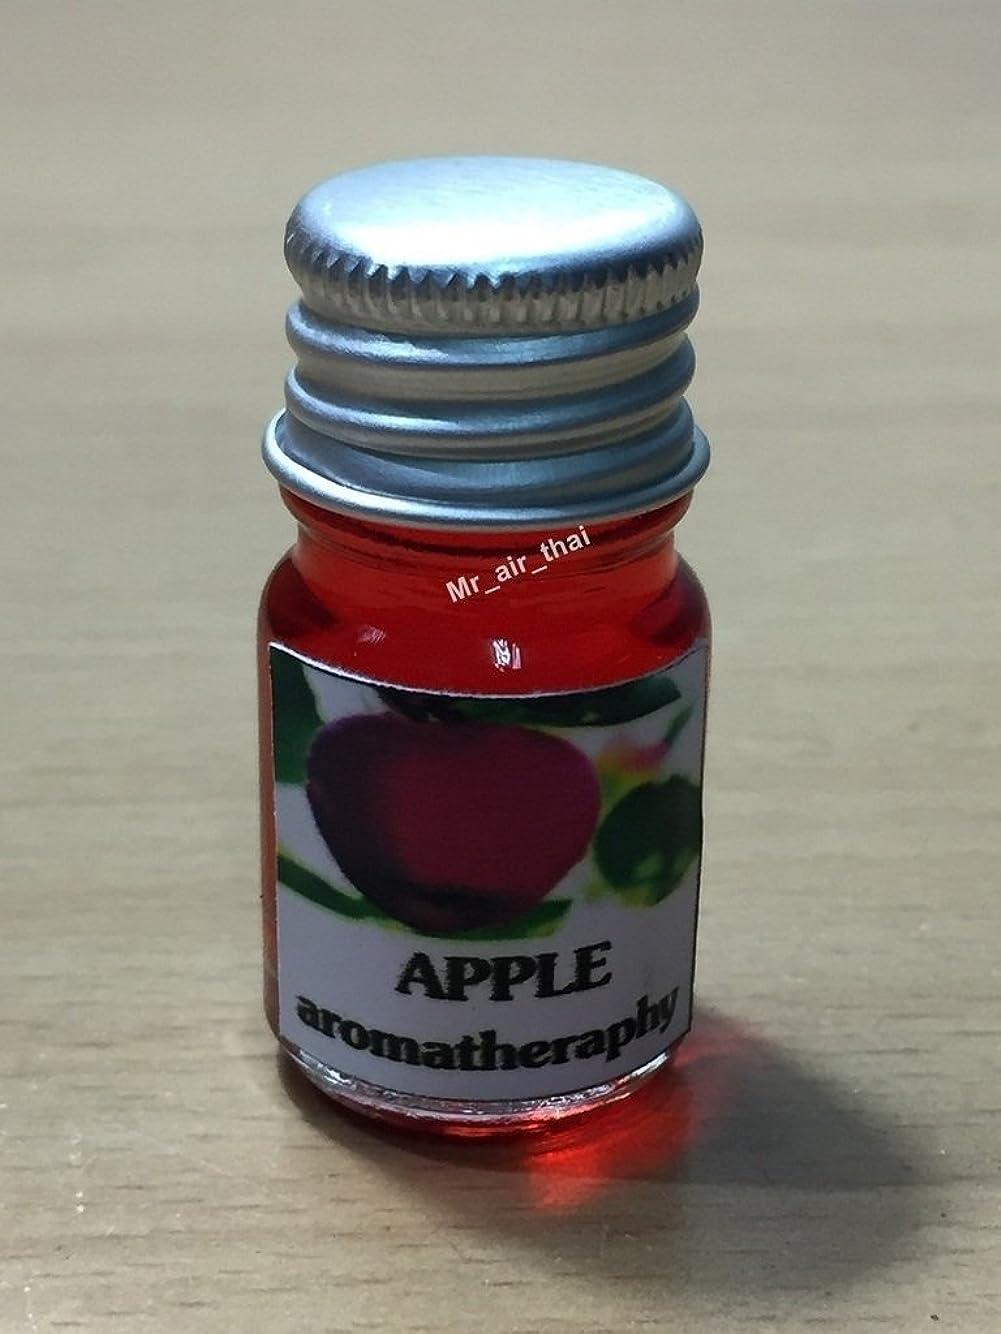 驚いた算術バリア5ミリリットルアロマアップル(赤)フランクインセンスエッセンシャルオイルボトルアロマテラピーオイル自然自然5ml Aroma Apple (red) Frankincense Essential Oil Bottles Aromatherapy Oils natural nature